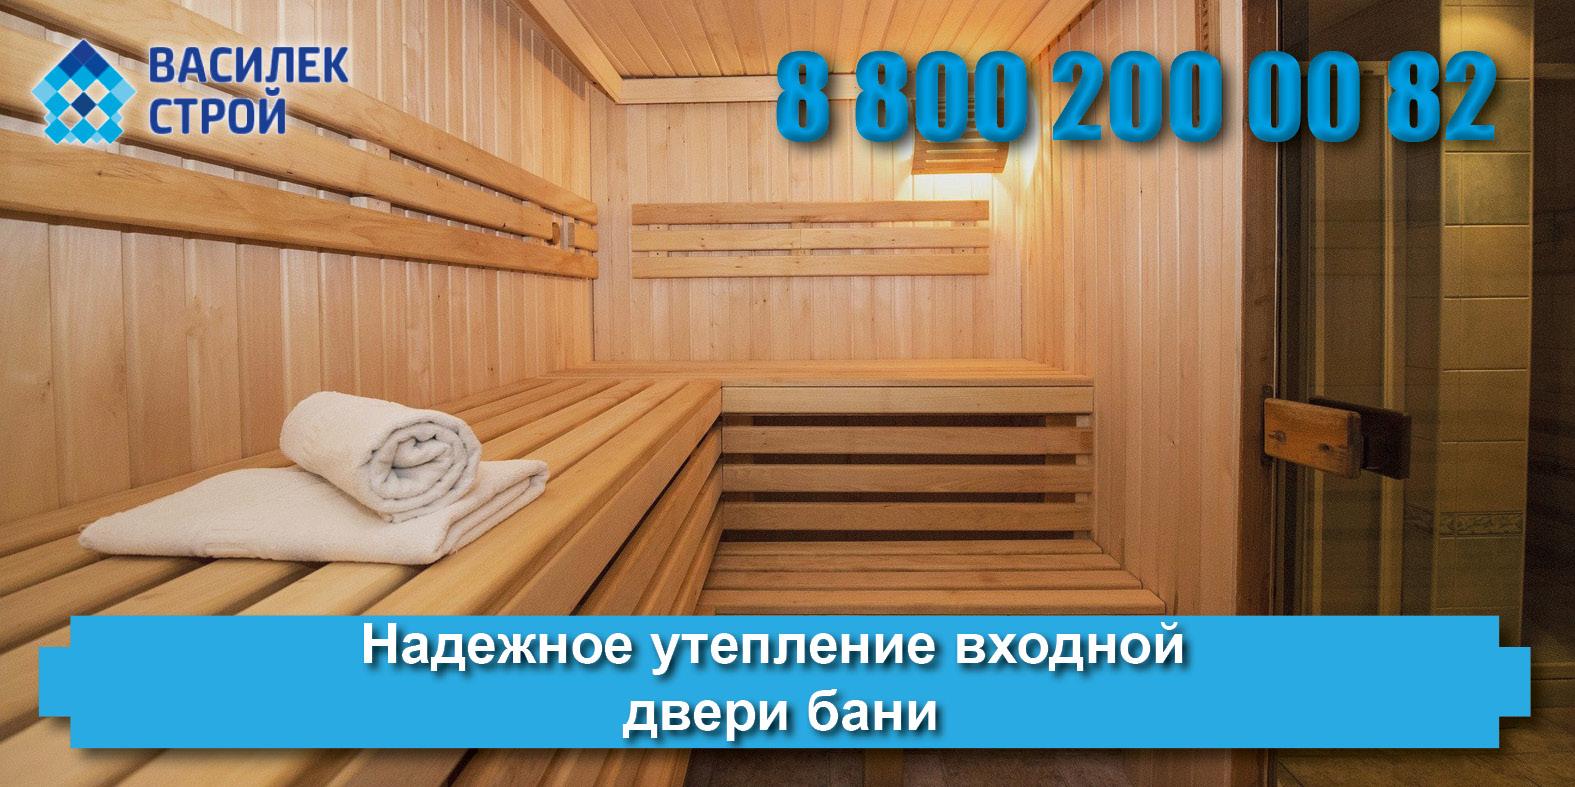 Утепленные двери в баню из бруса: как утеплить двери в бане и как выбрать качественные двери для бани из бруса